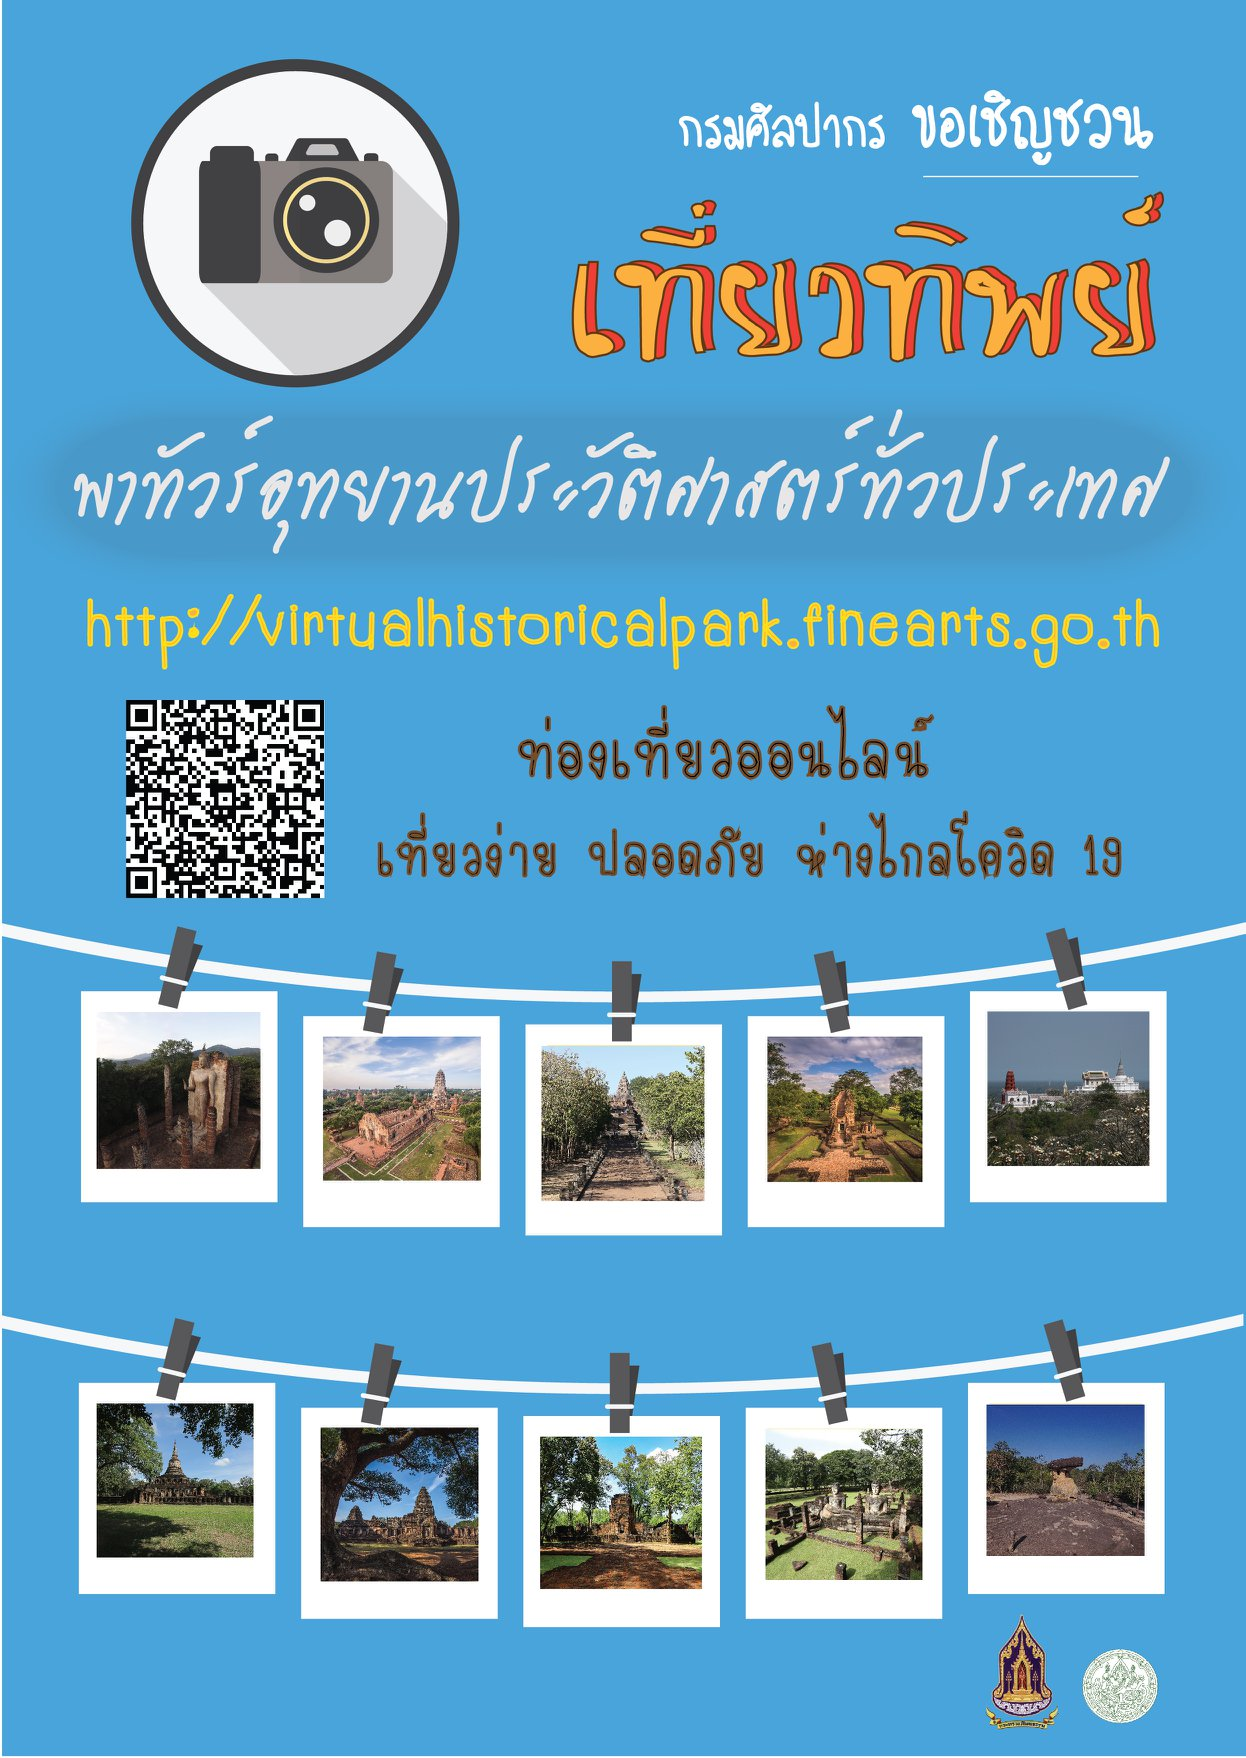 กรมศิลปากร ขอเชิญชวน เที่ยวทิพย์ พาทัวร์อุทยานประวัติศาสตร์ทั่วประเทศ